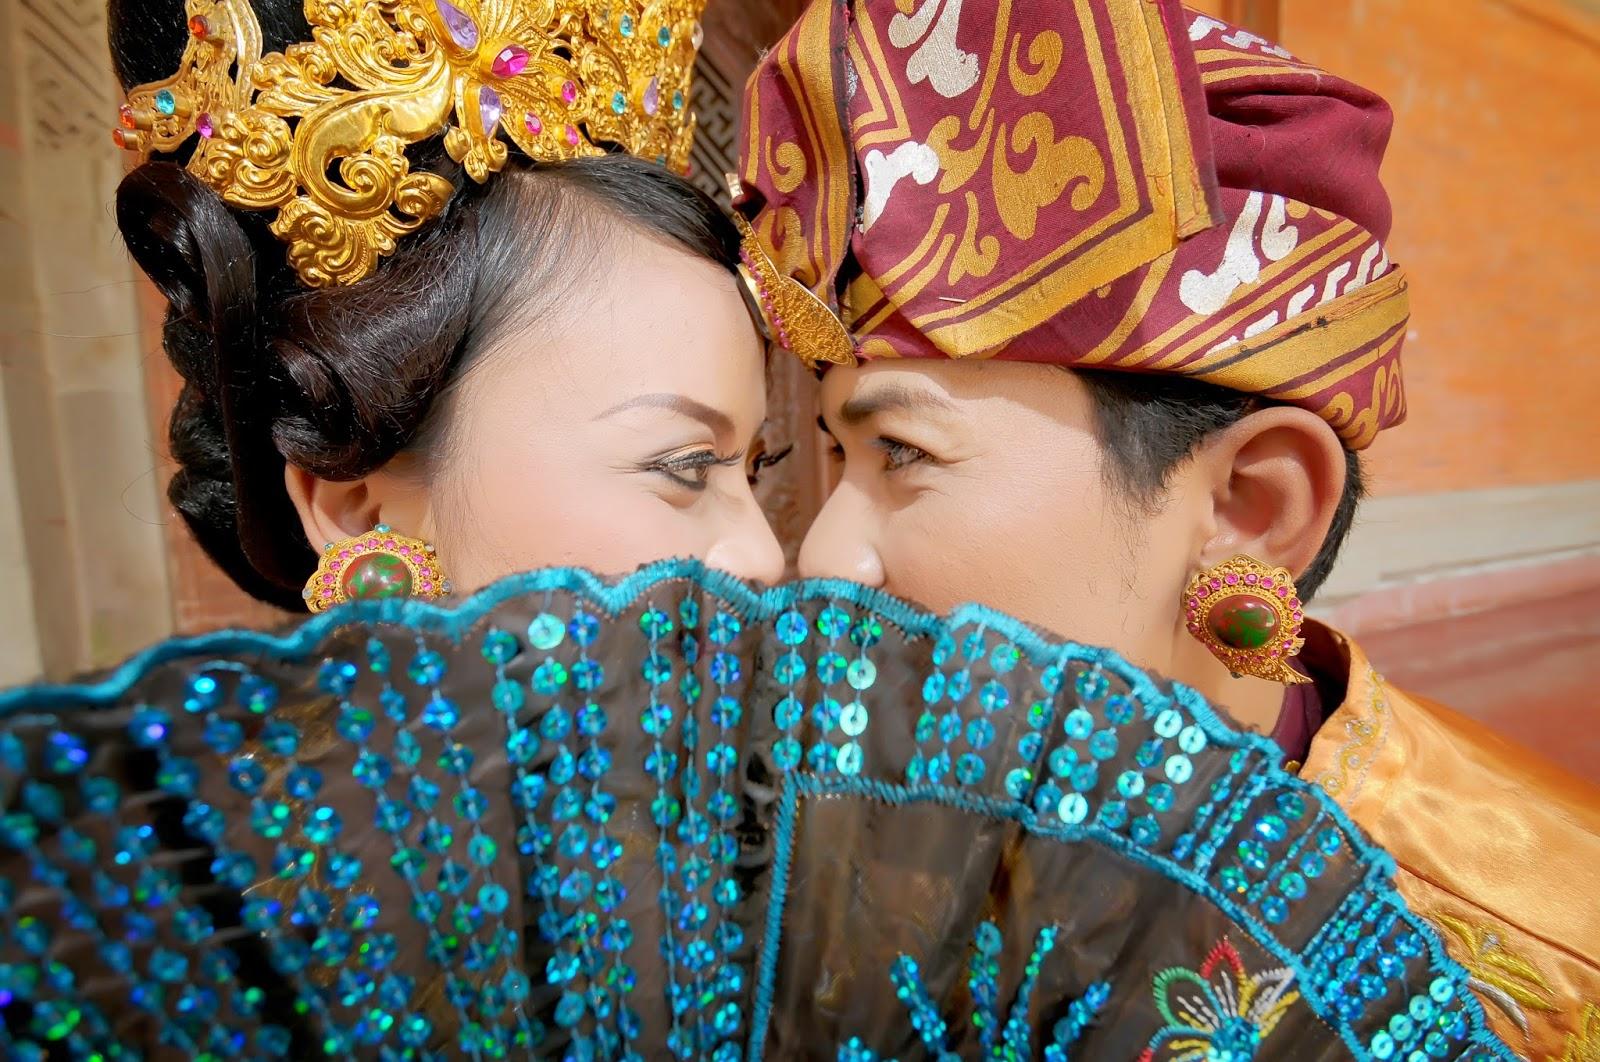 Foto Pawiwahan Perkawinan Adat Bali